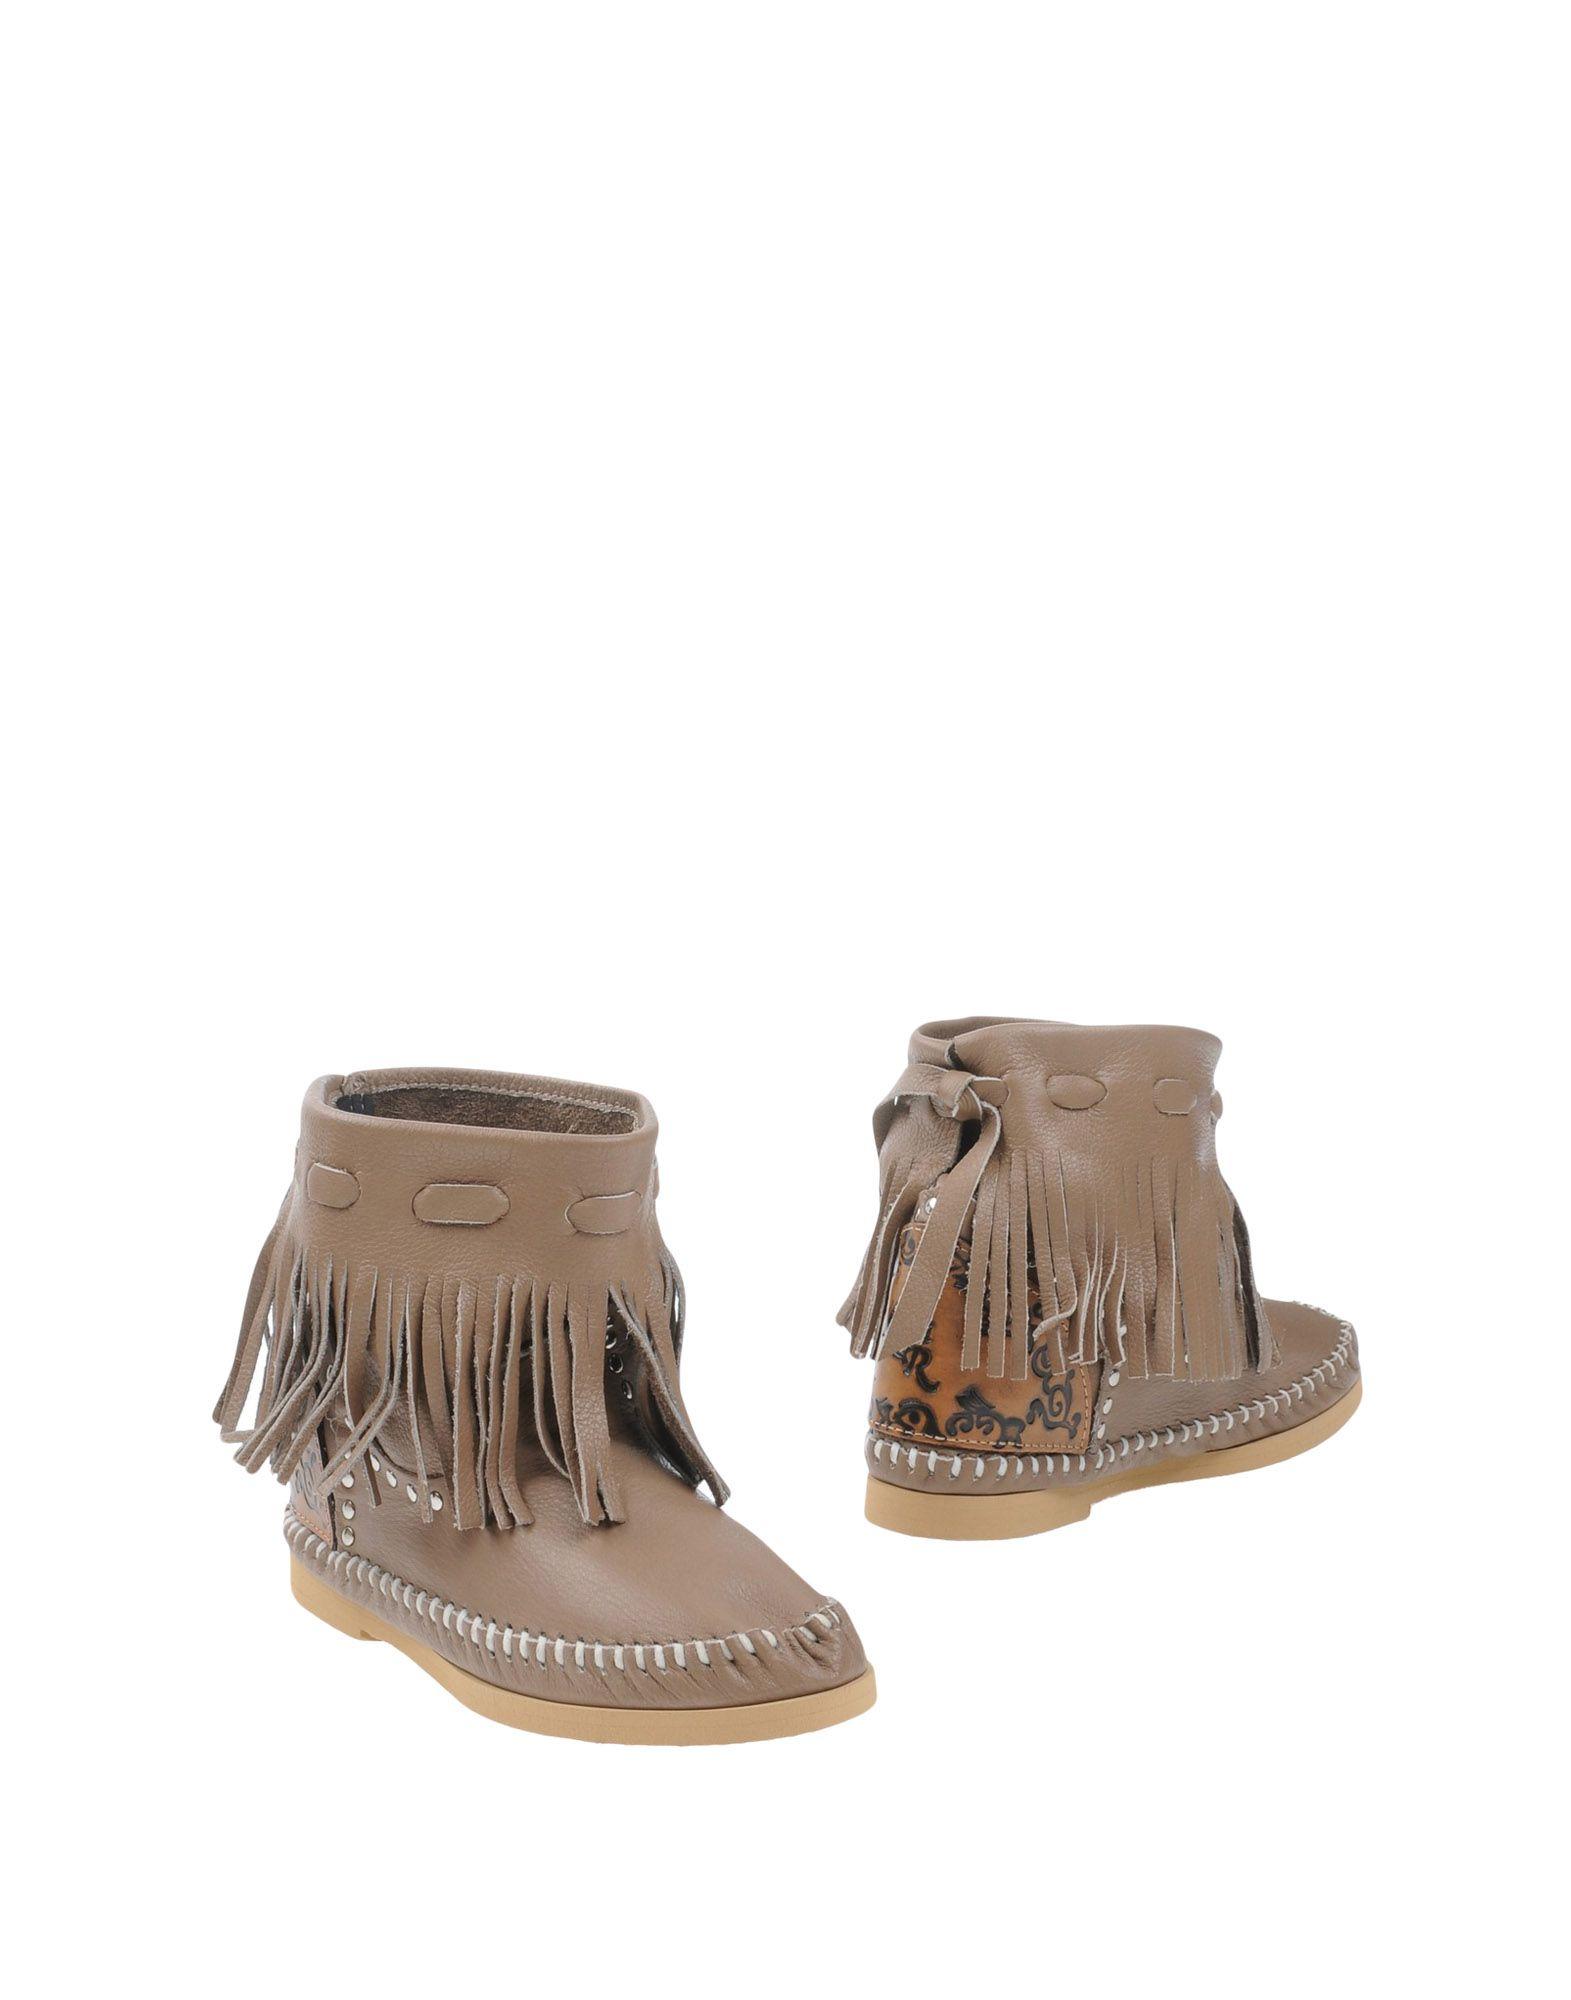 LdiR Полусапоги и высокие ботинки ldir полусапоги и высокие ботинки